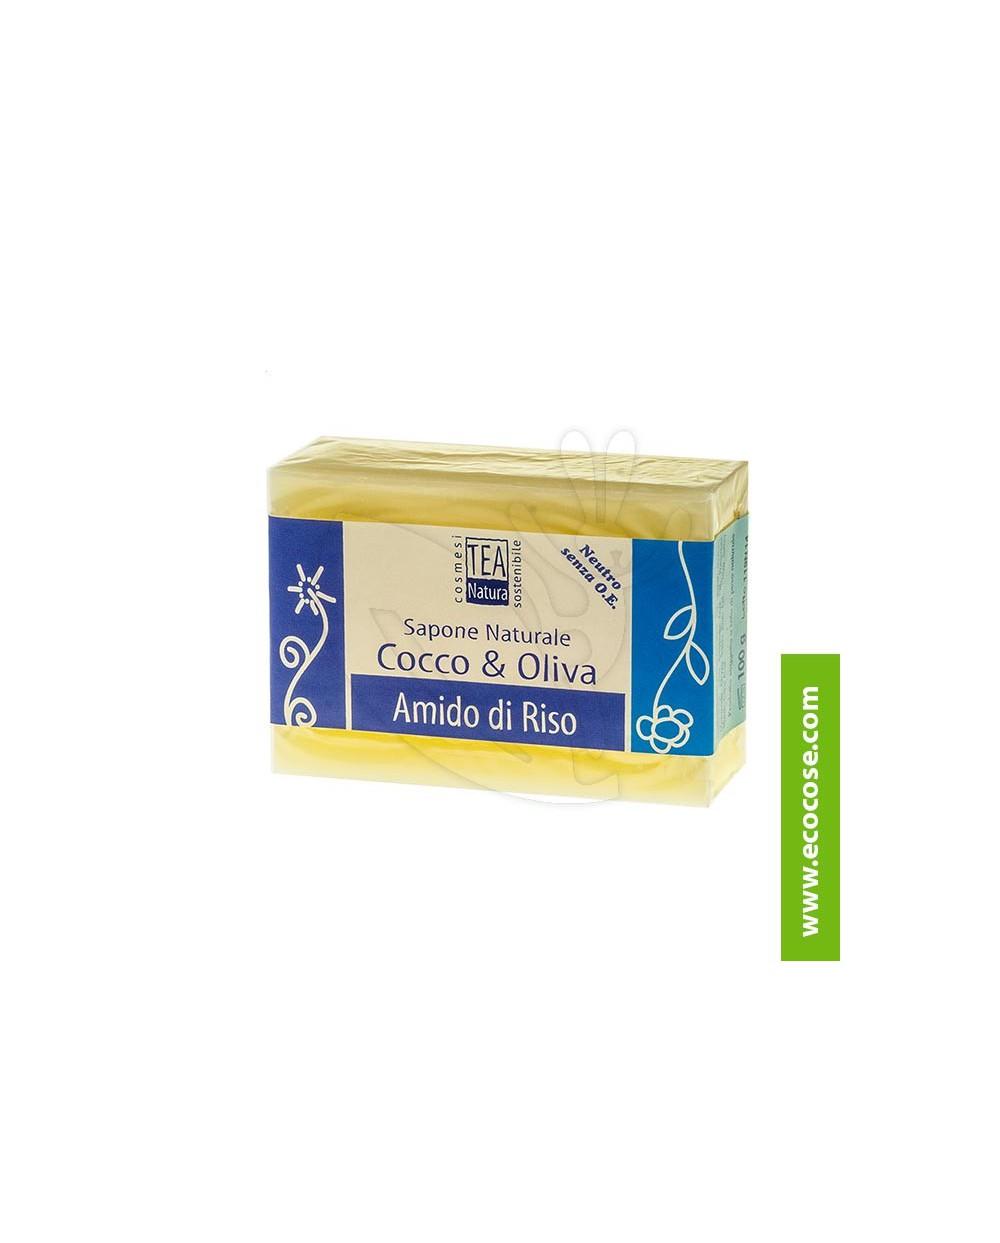 Tea Natura - Sapone naturale Cocco e Oliva con Amido di Riso